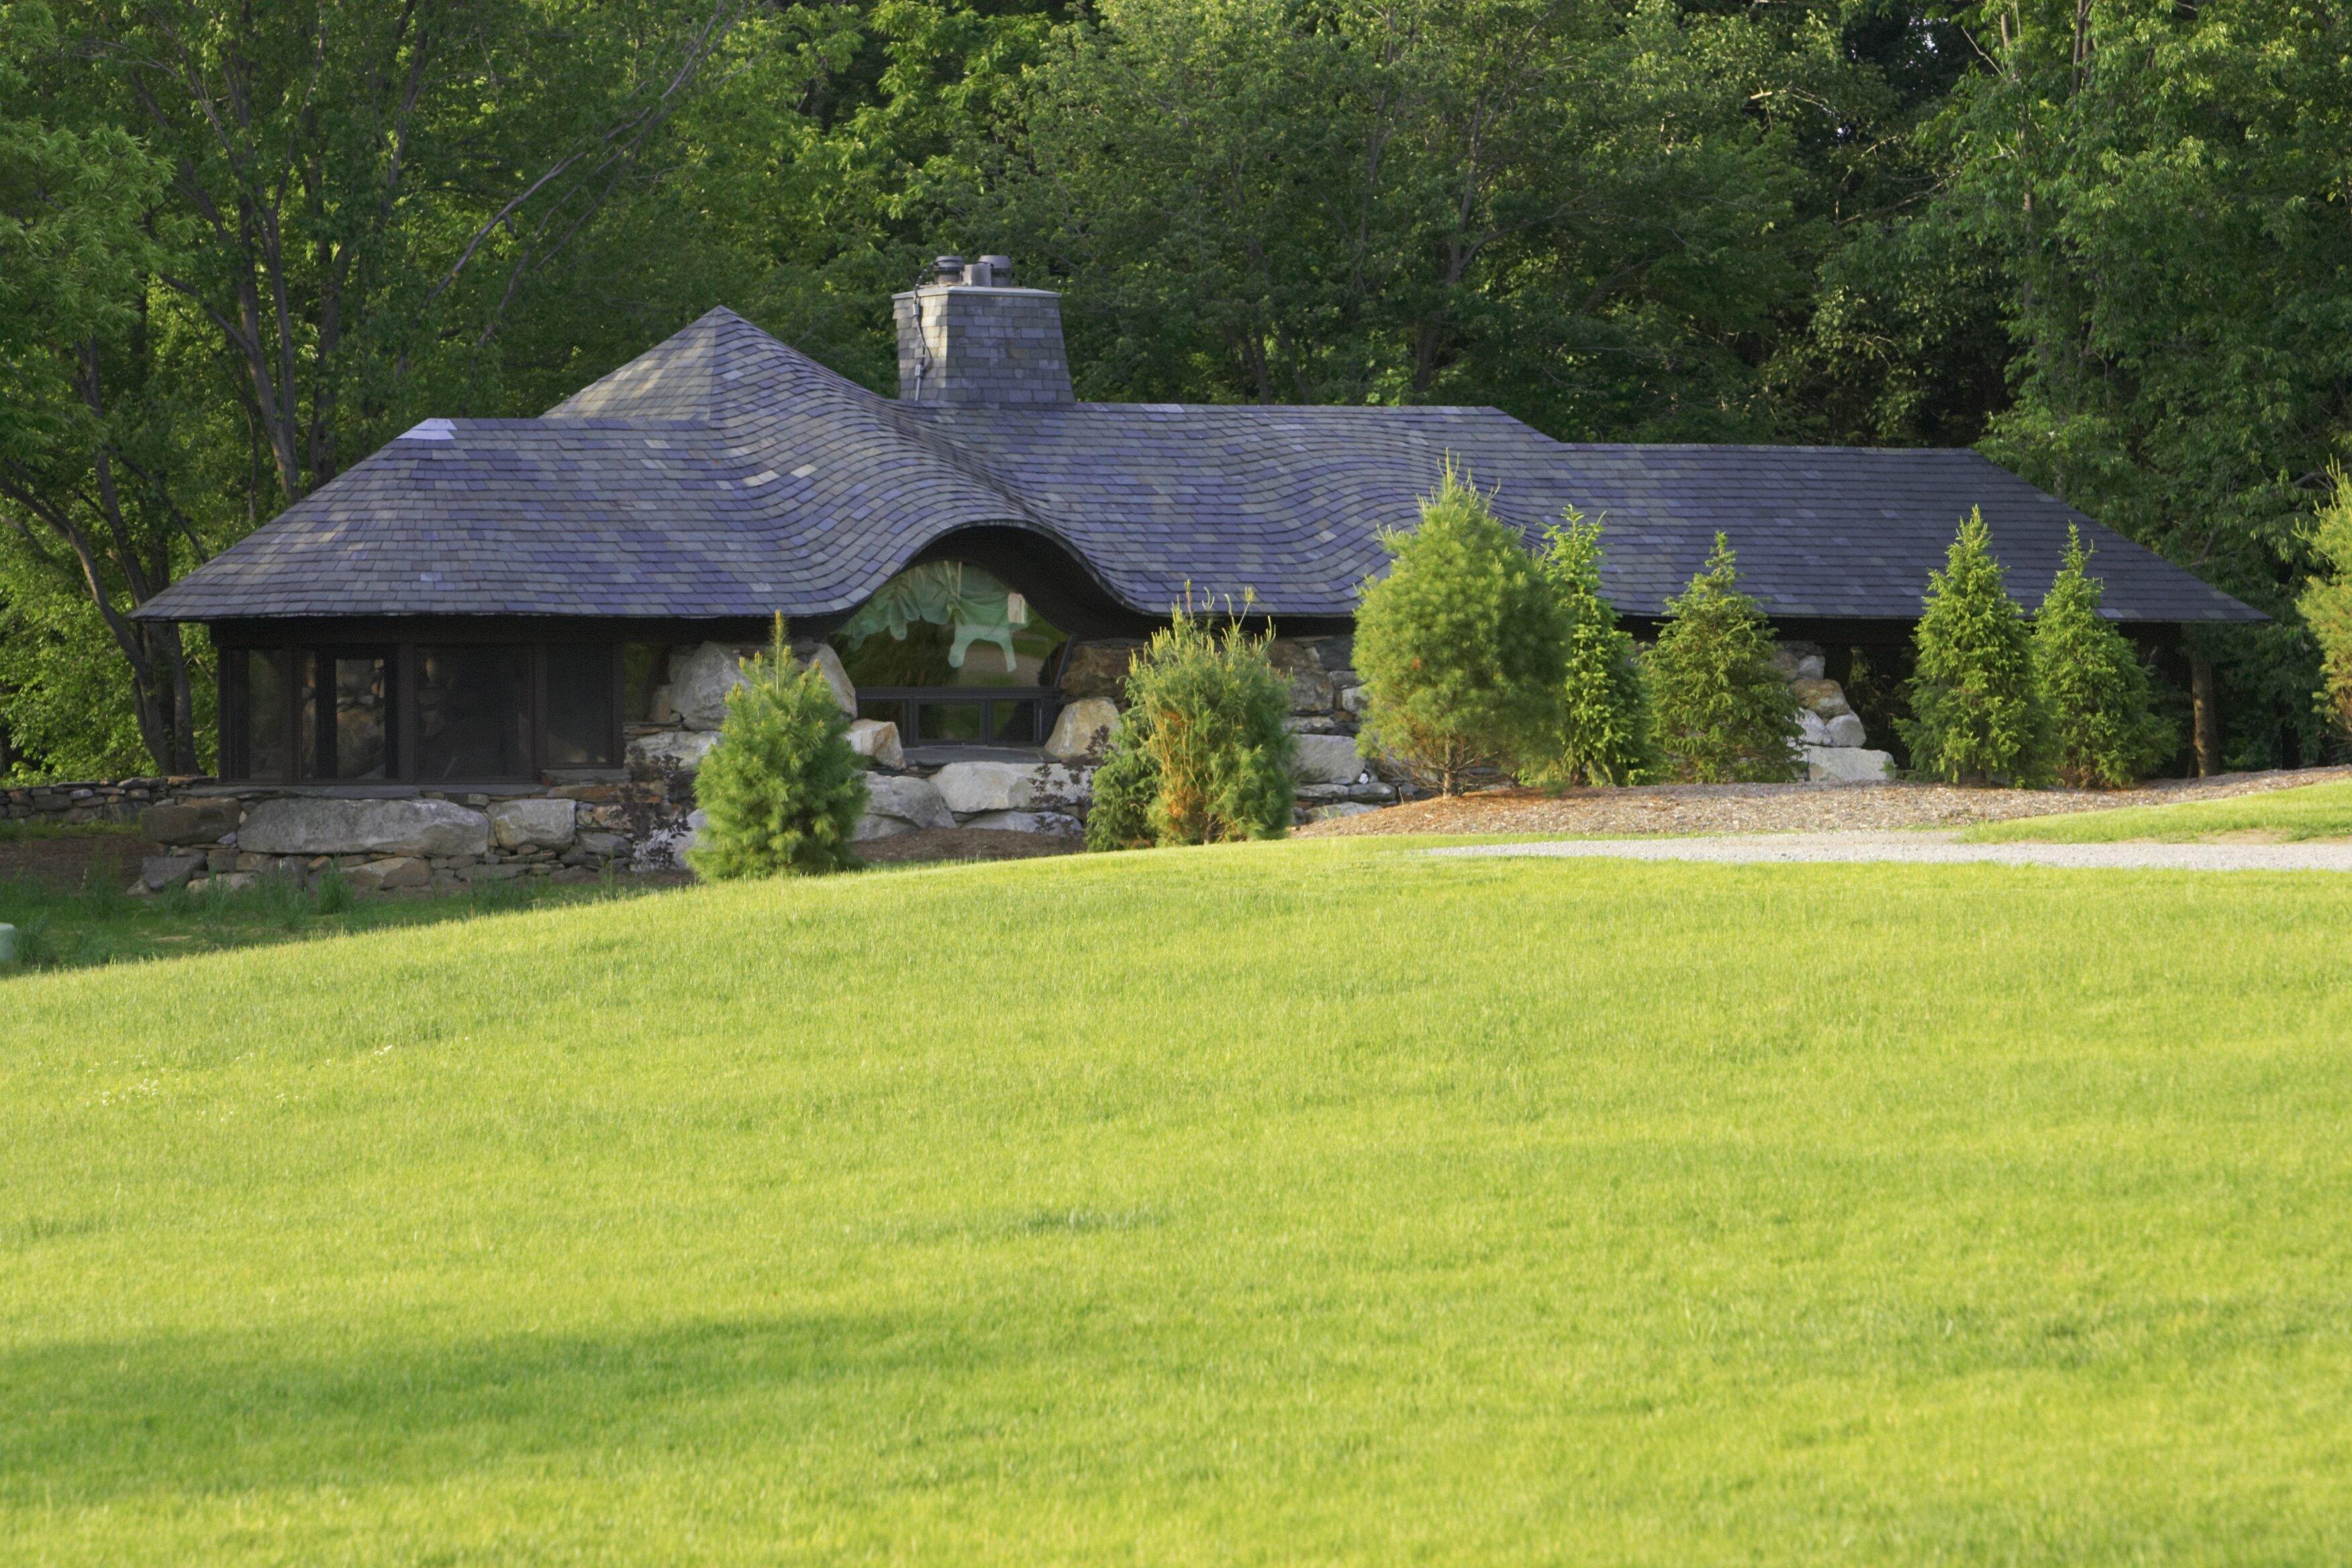 Winvian Farm